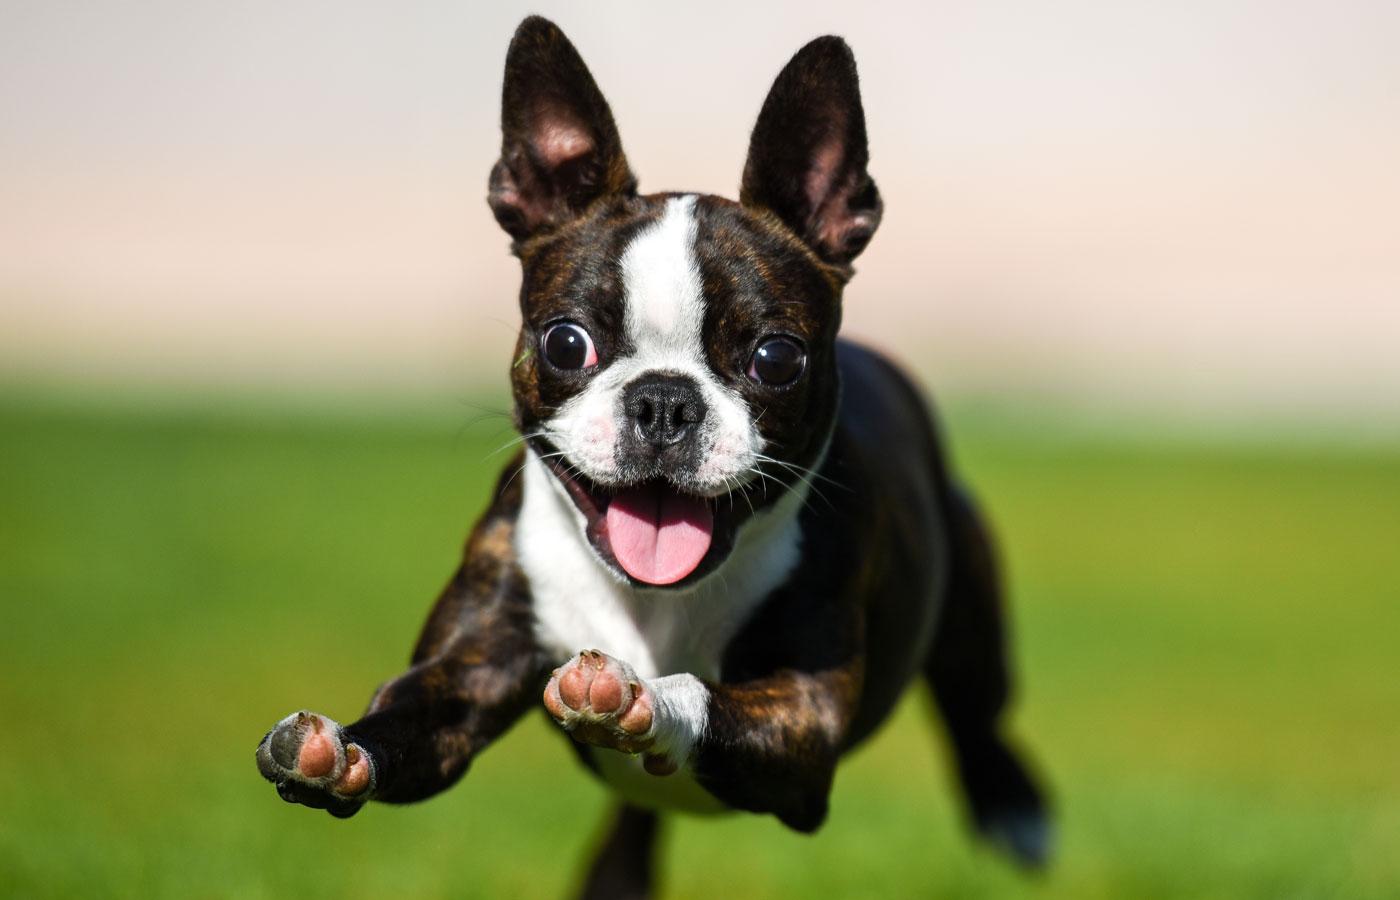 Boston terrier puppy running through the yard